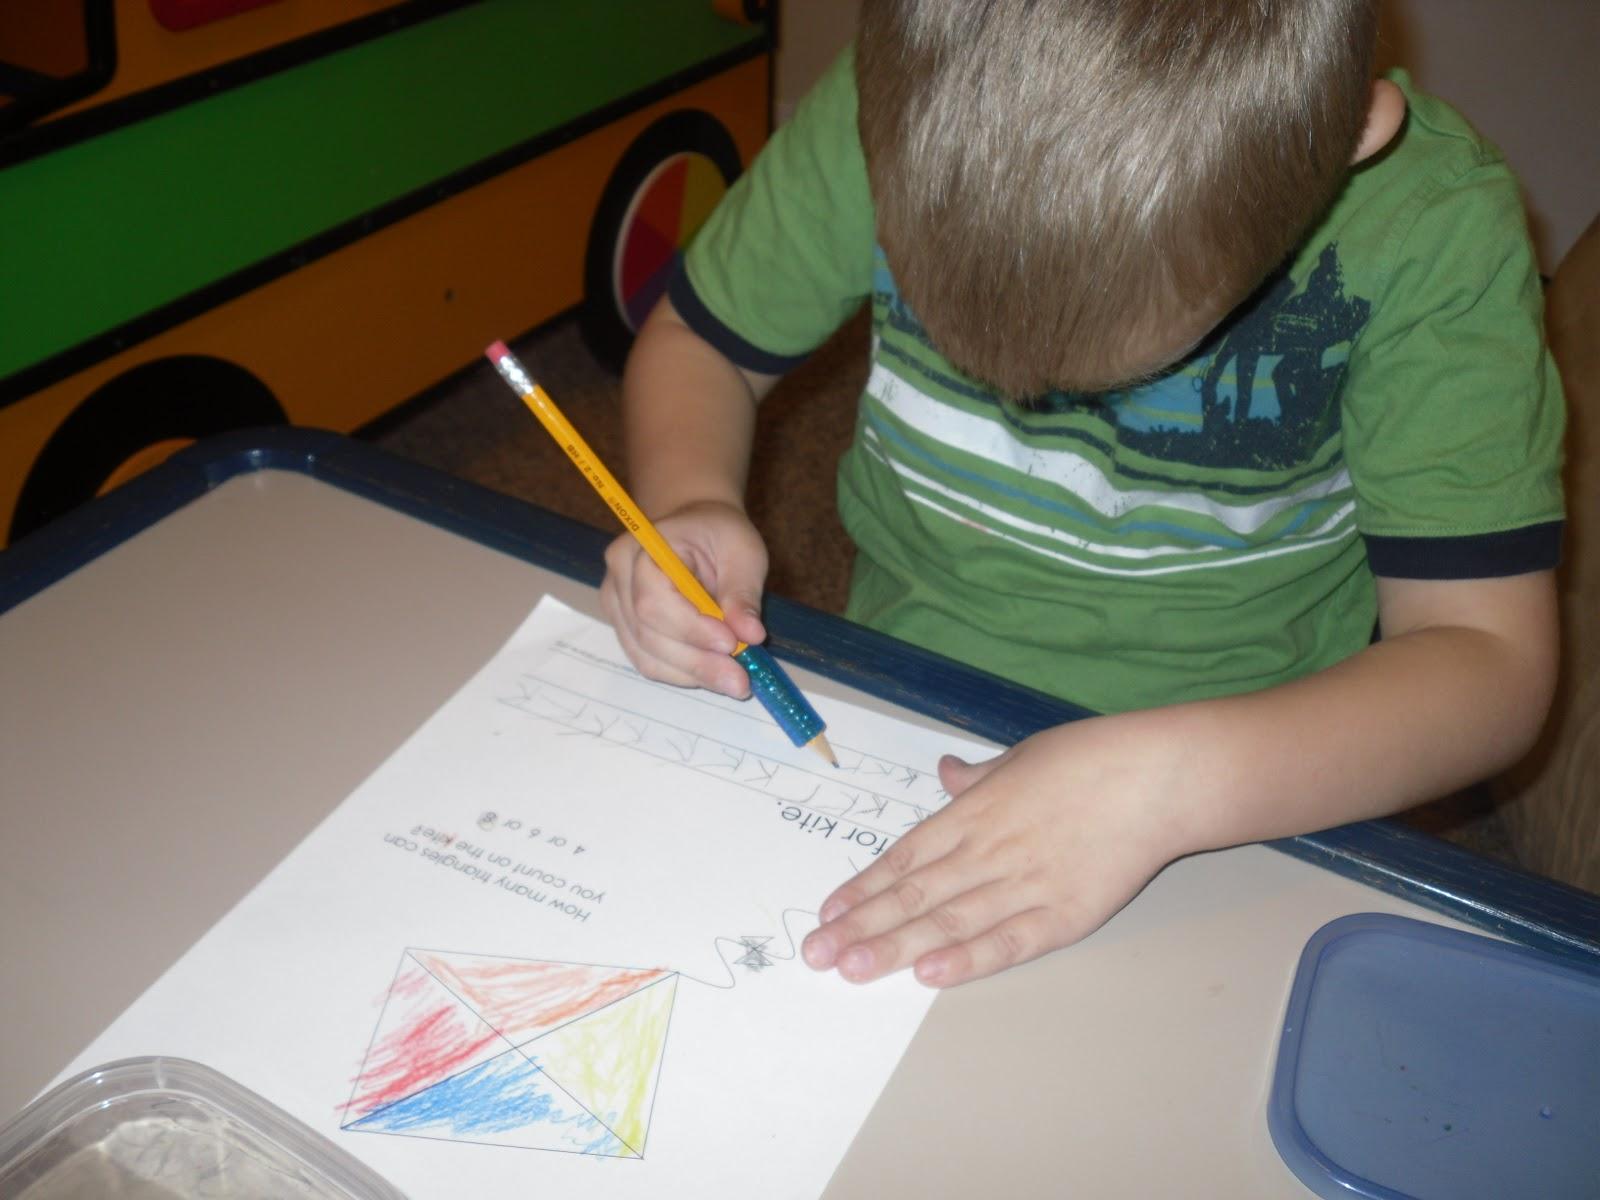 Preschool Patch Pre K K Is For Kite Amp Key Amp Kangaroos